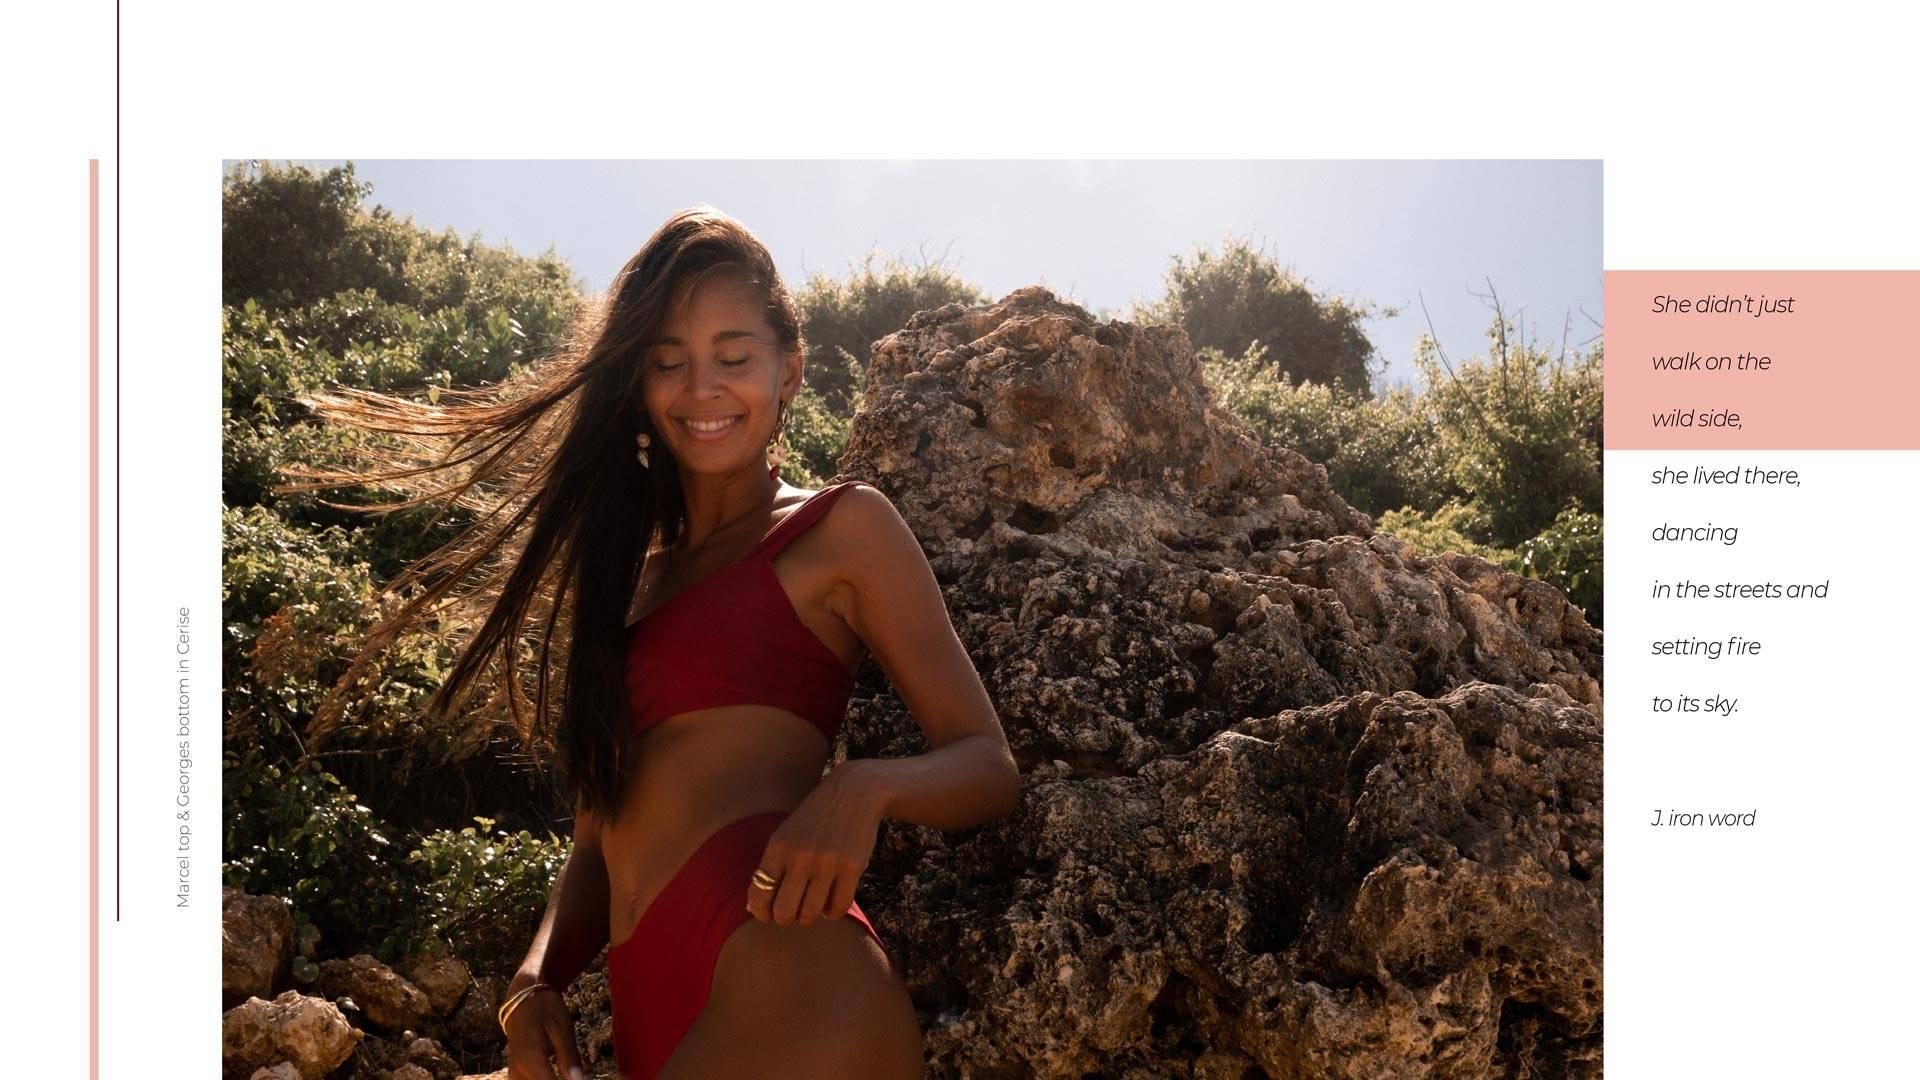 Woman smiling wearing red bikini